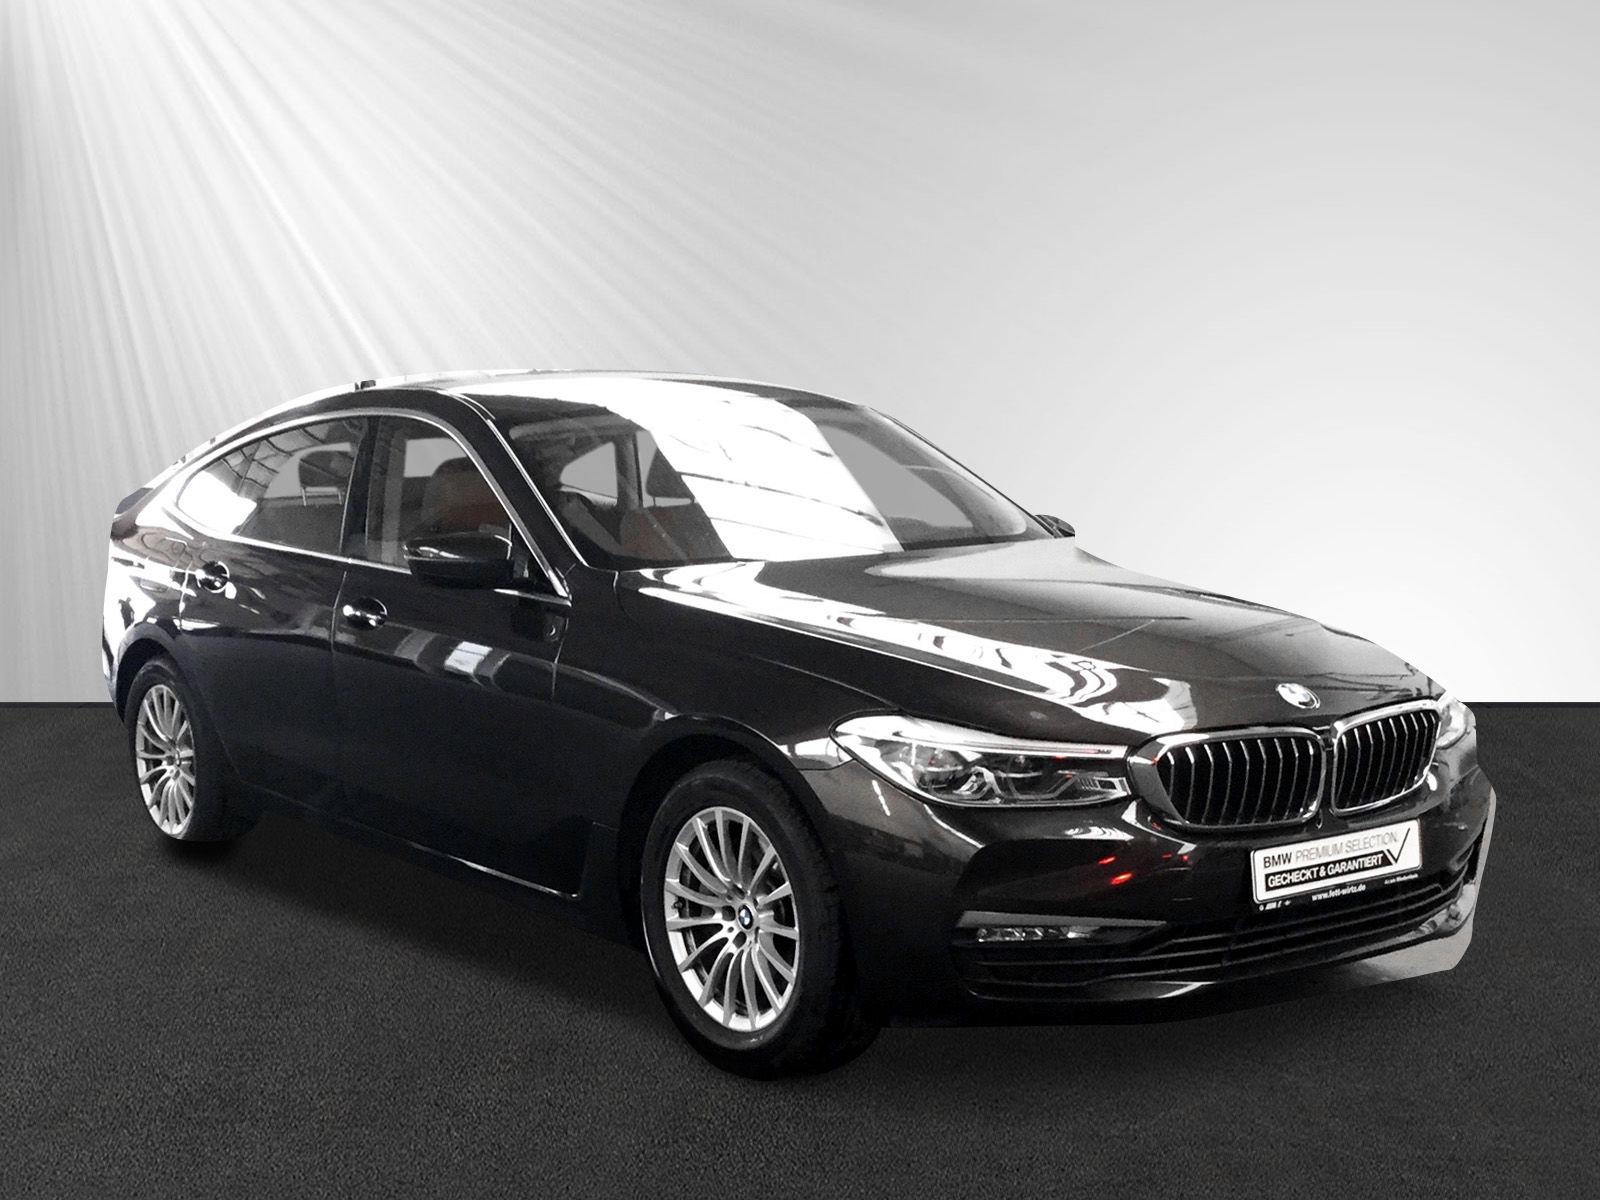 BMW 630 Gran Turismo GT Leas 444,- br. o. Anz. 42 Mon/10''Km p.A., Jahr 2018, petrol